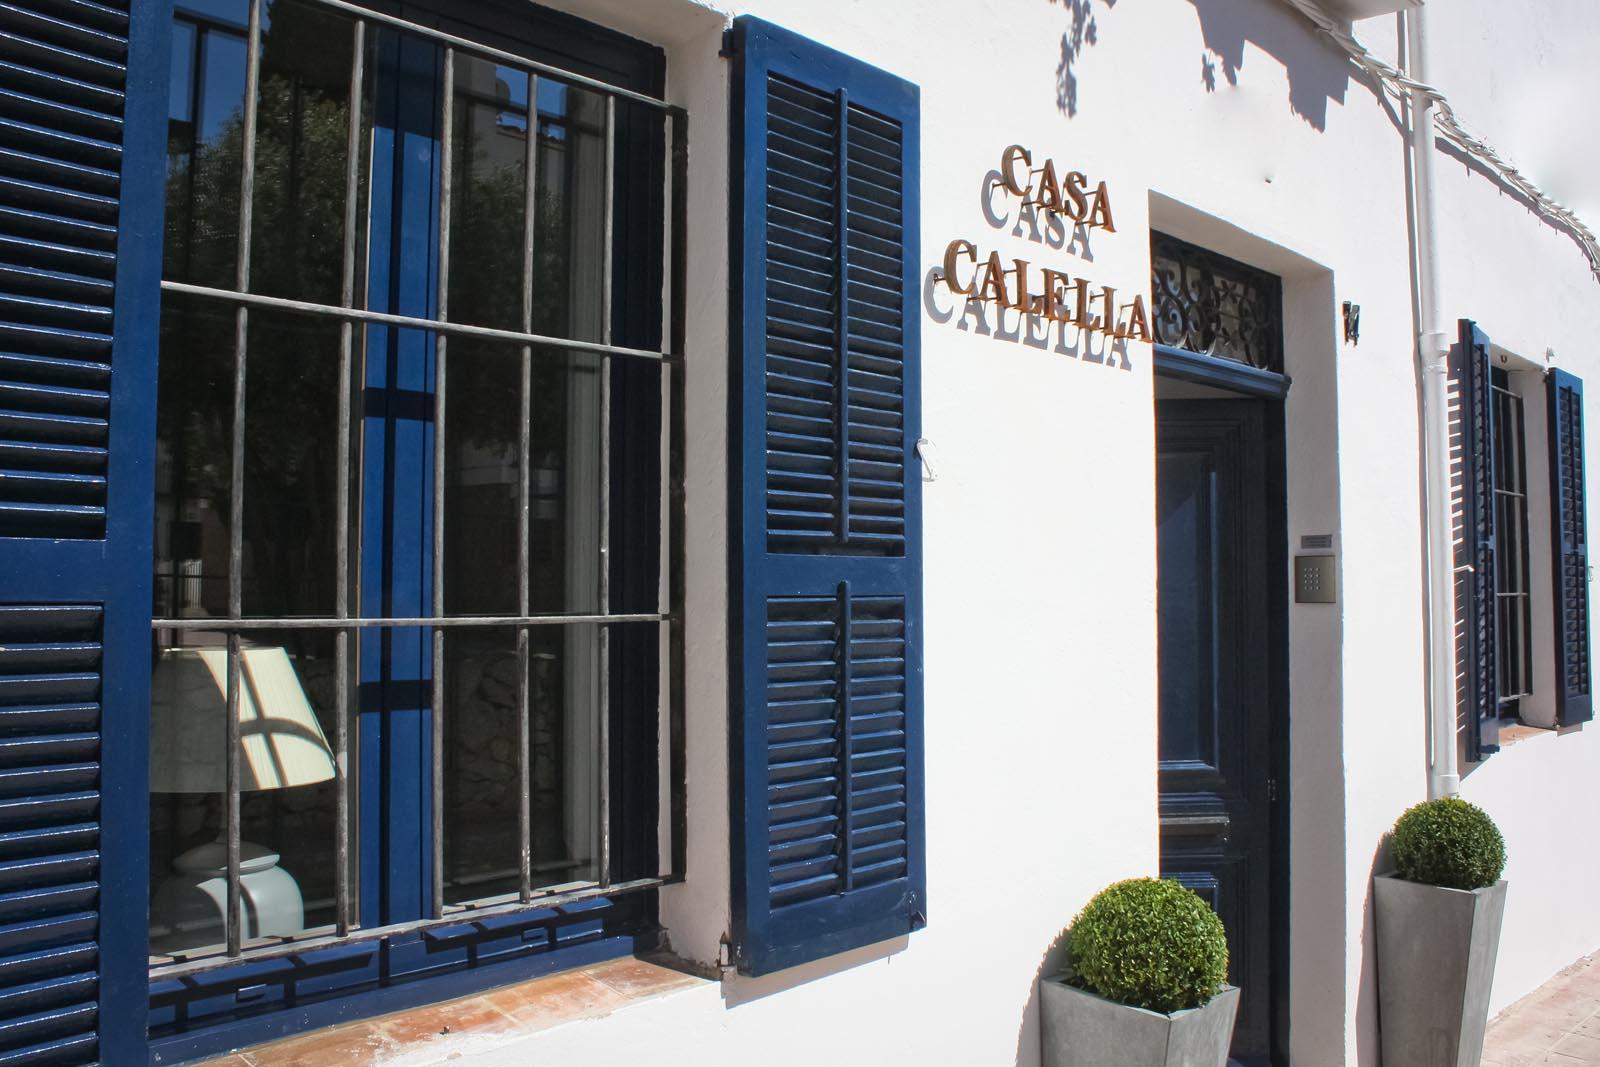 Hotel casa calella de calella de palafrugell costa brava - Casas calella de palafrugell ...